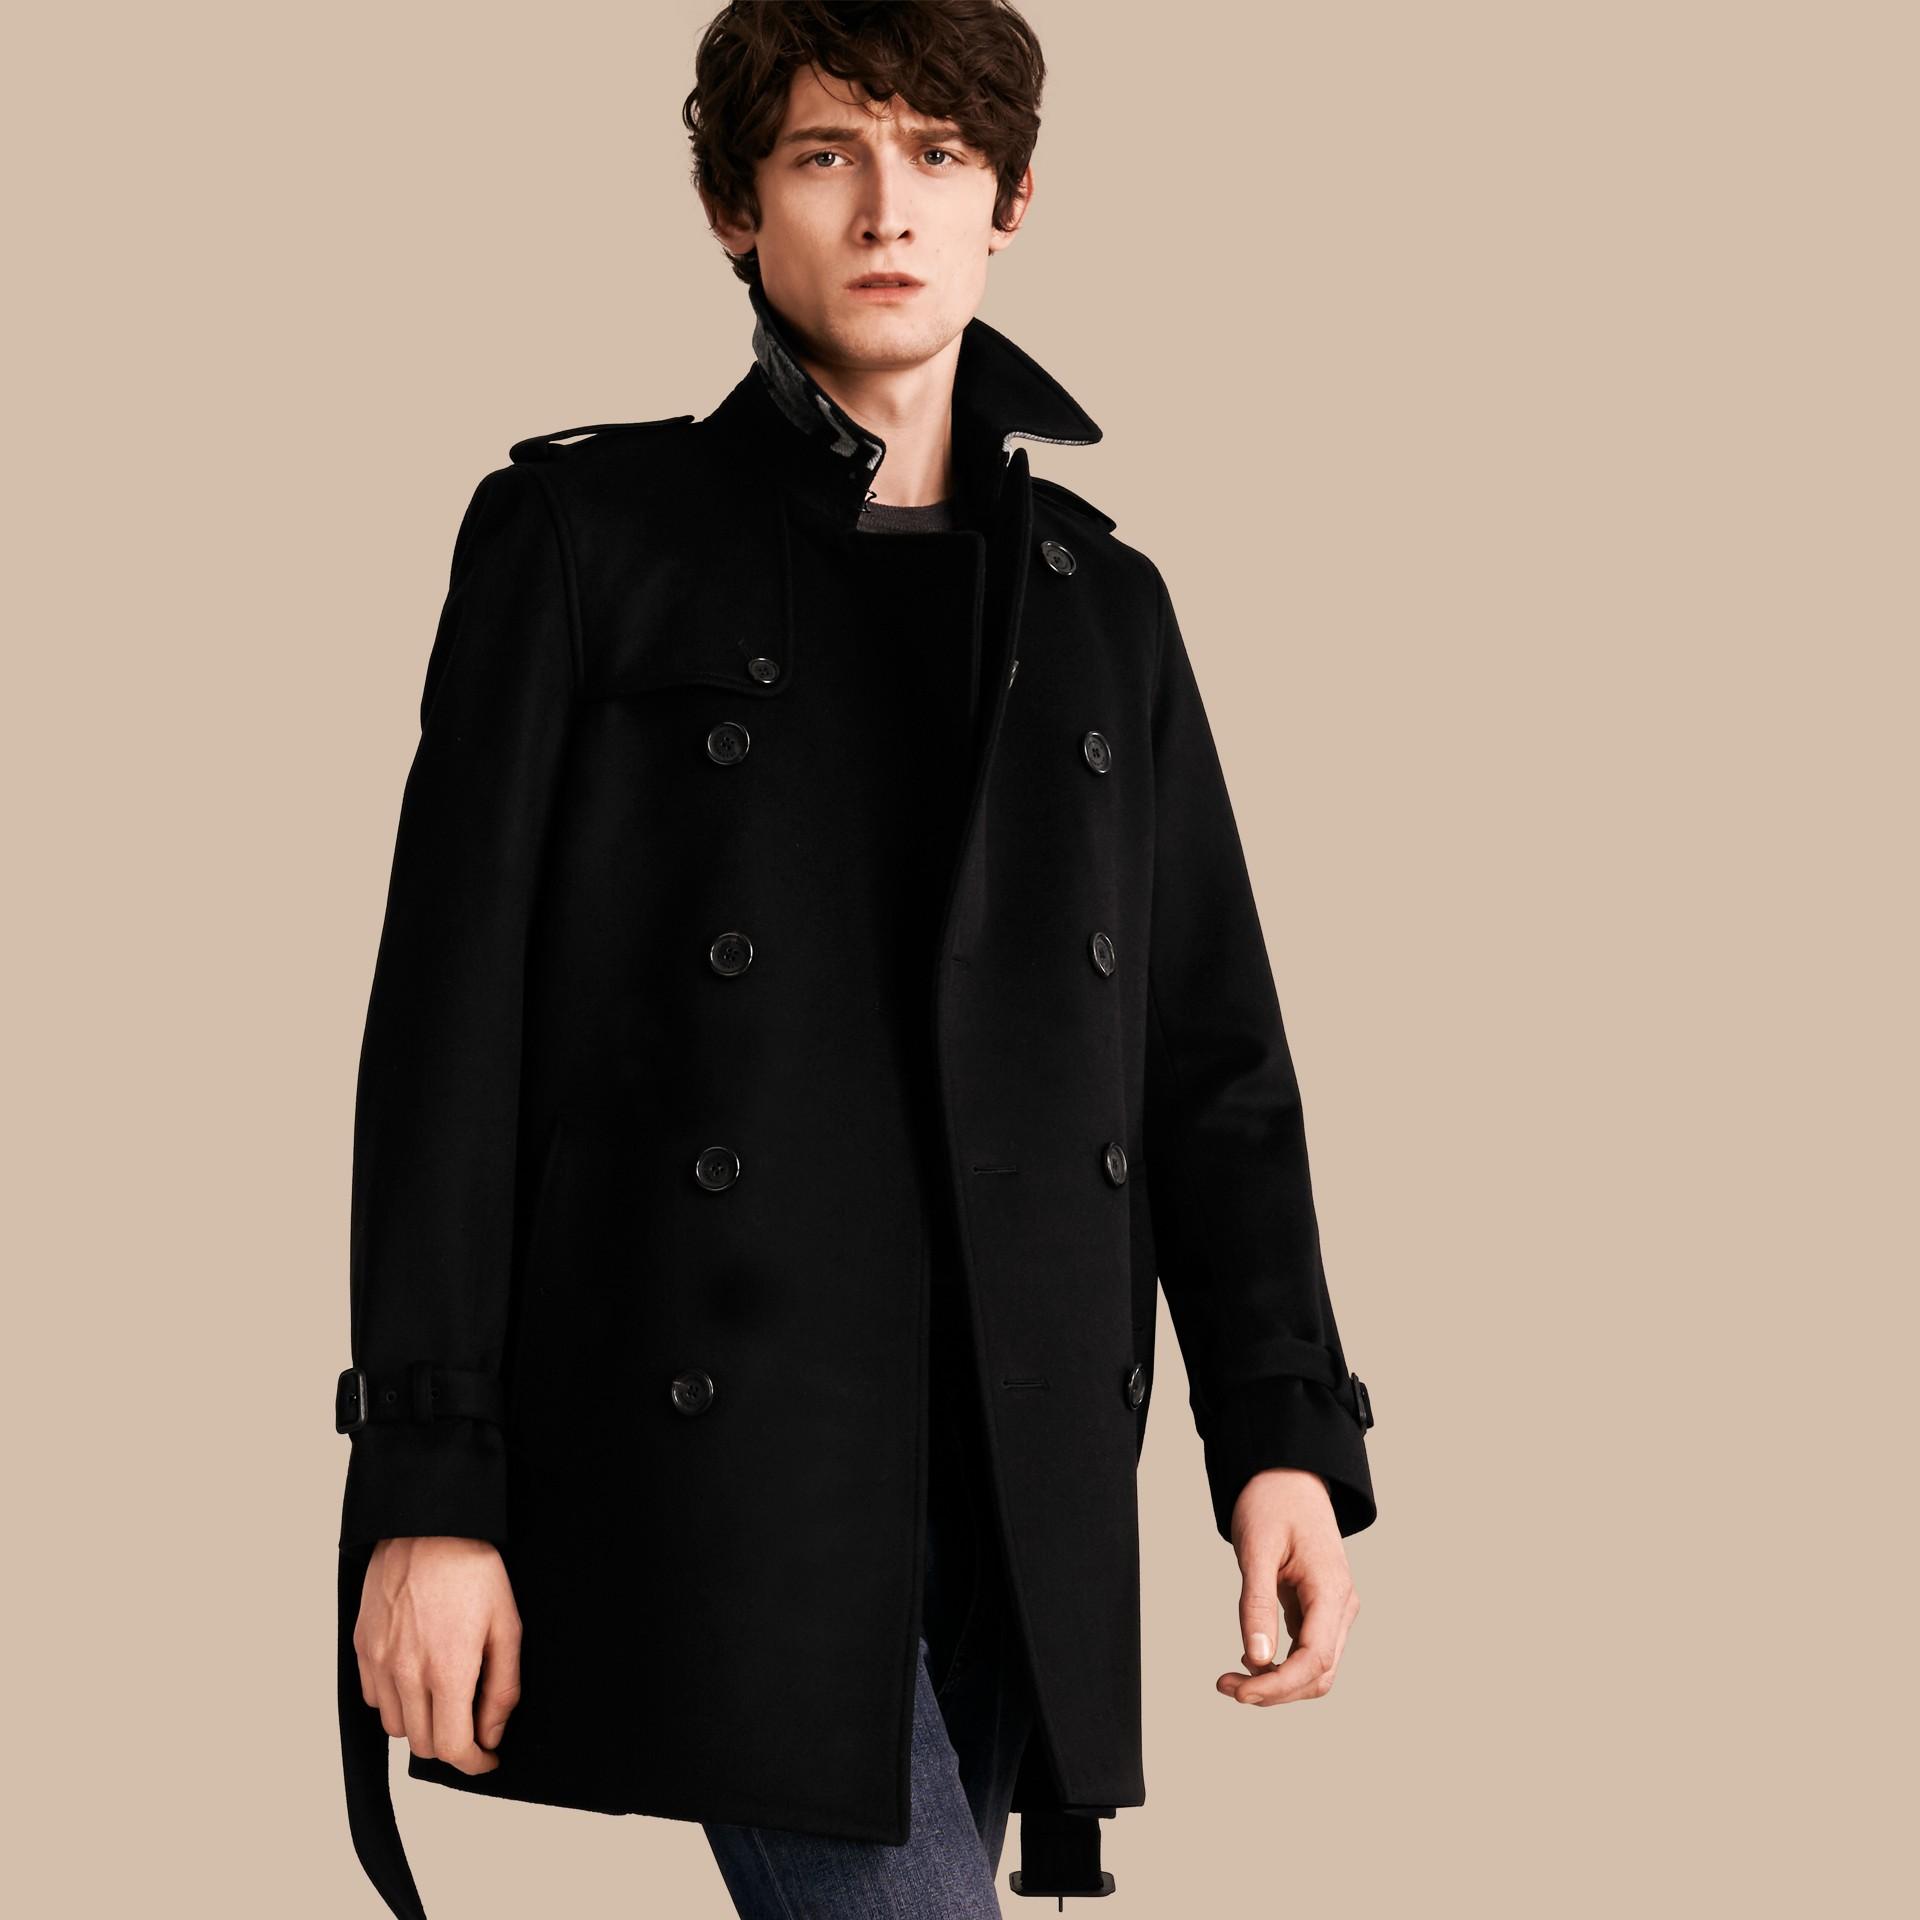 Negro Trench coat en lana y cachemir Negro - imagen de la galería 1